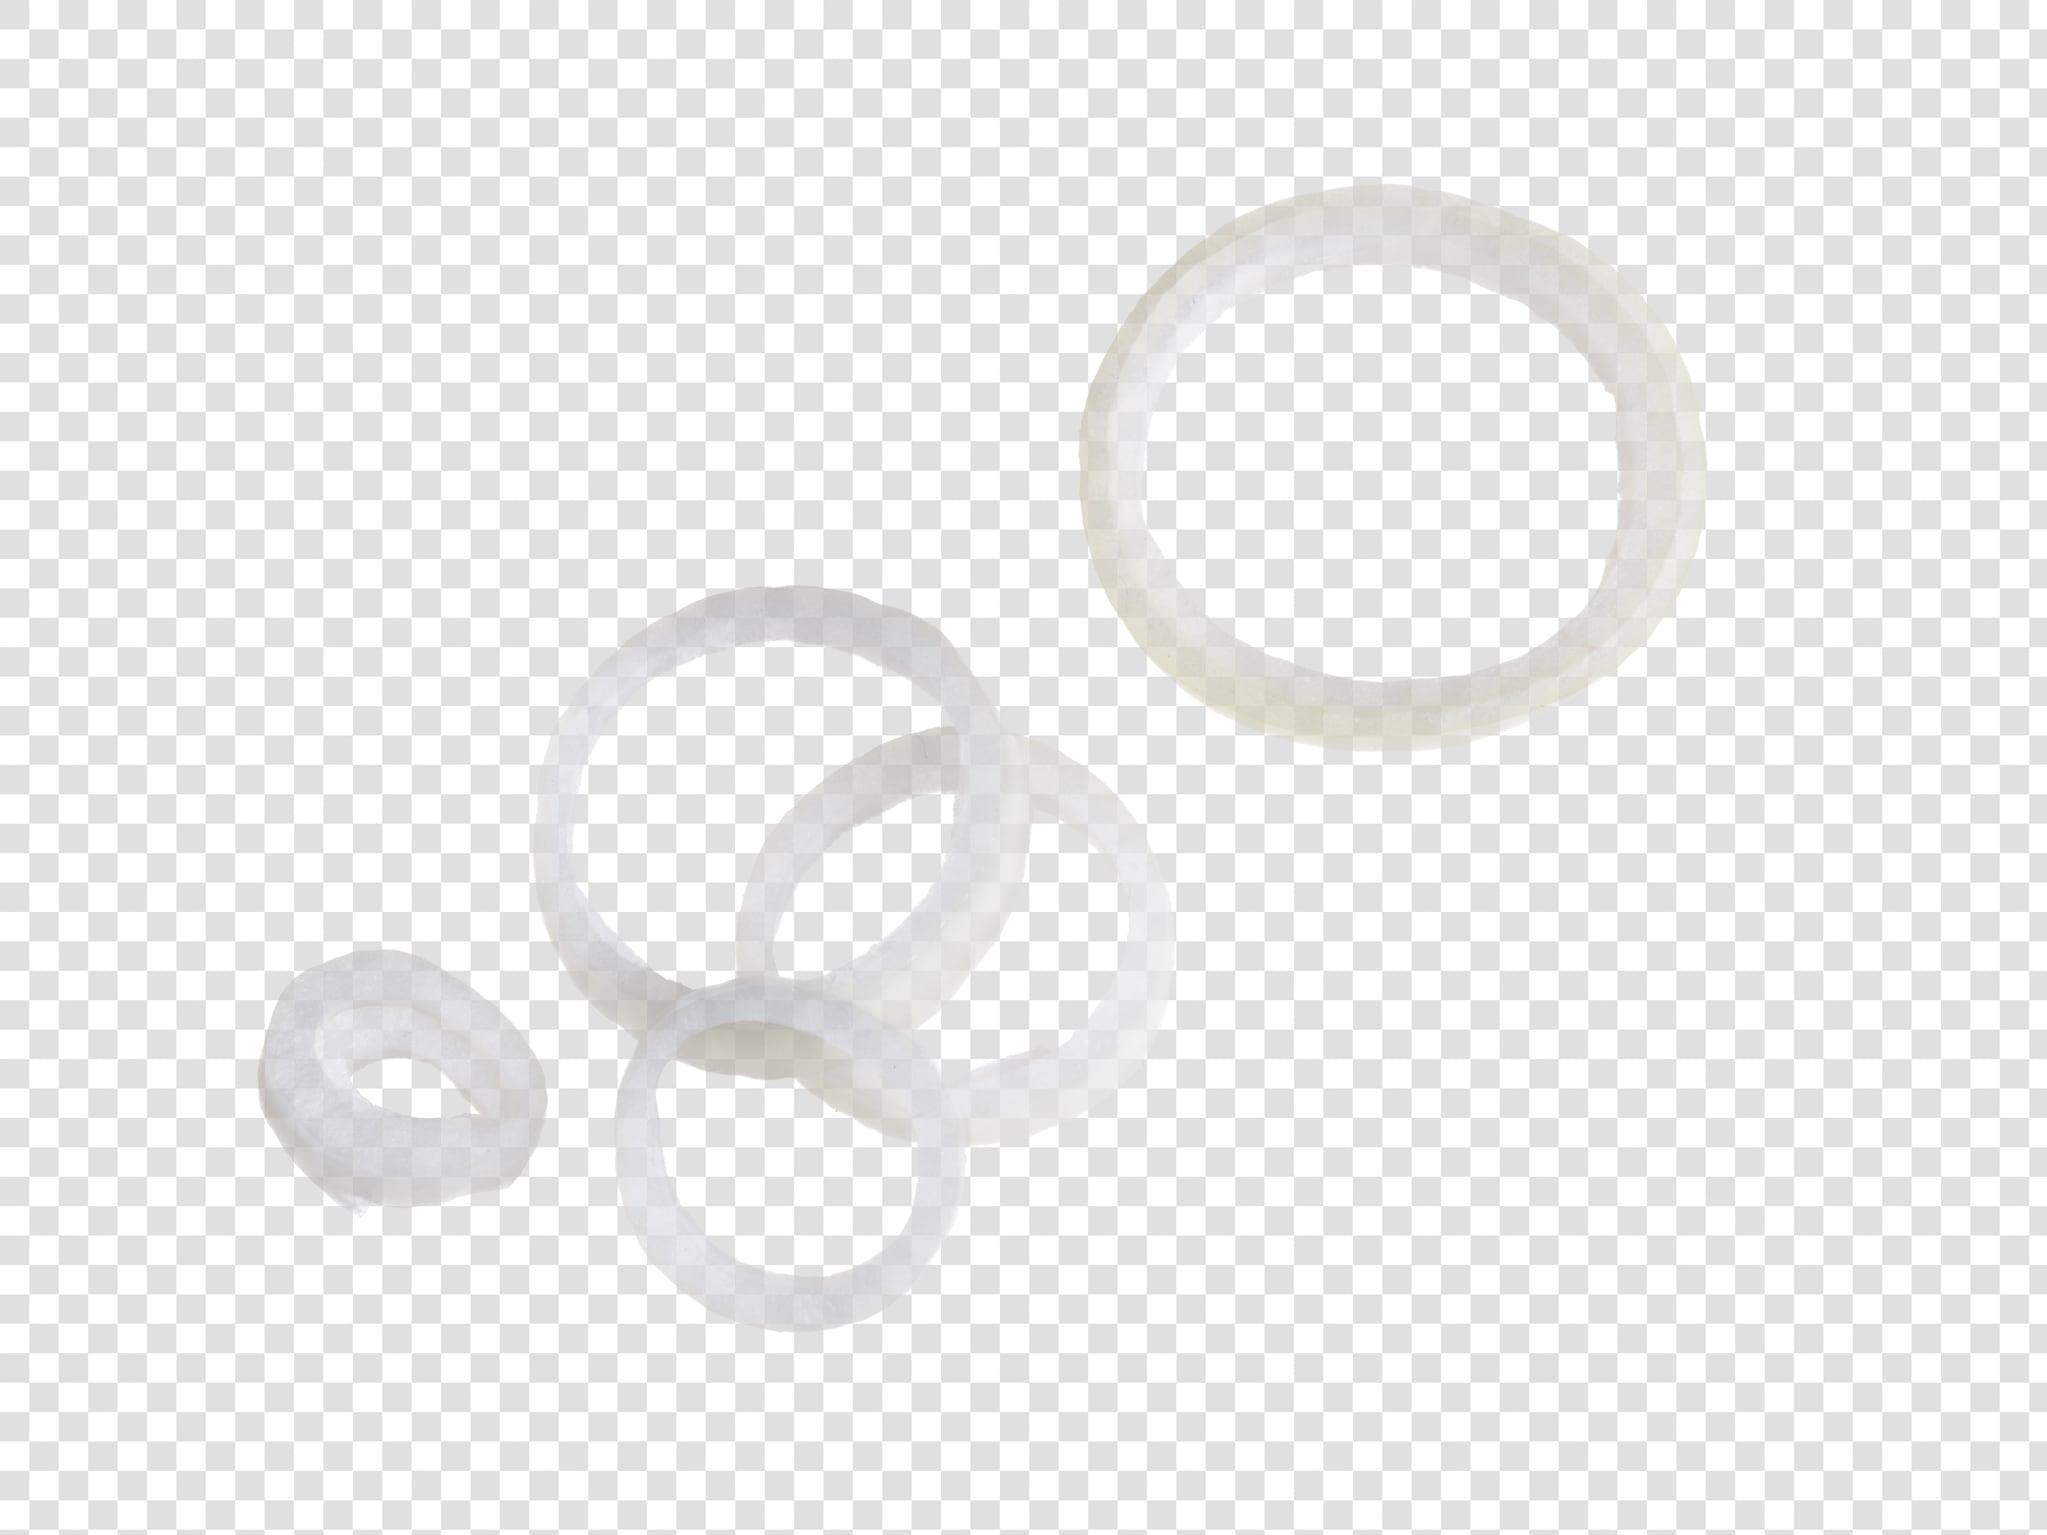 Onion PSD layered image